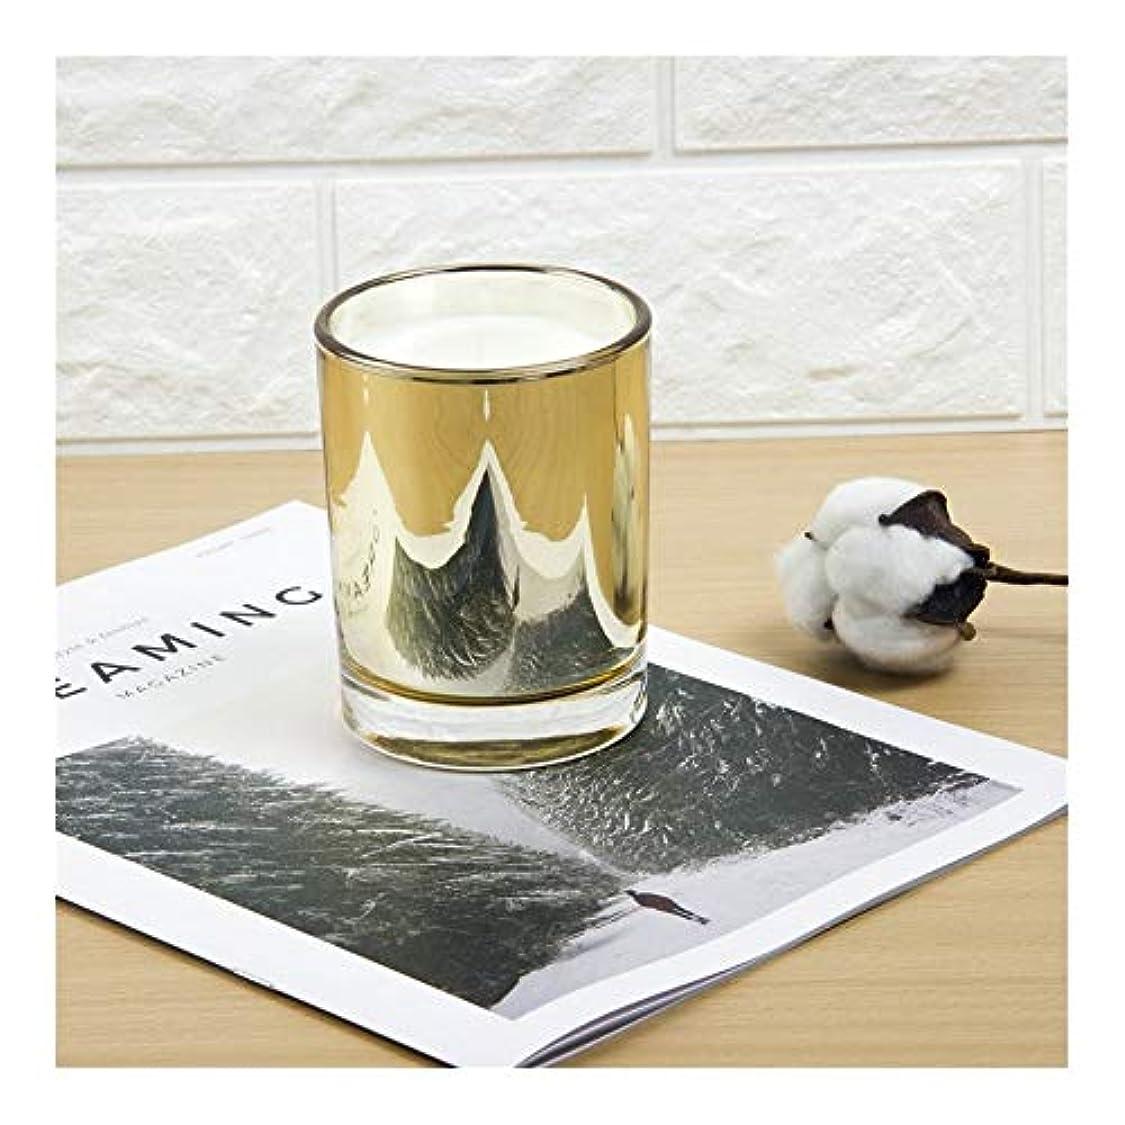 ベテラン金曜日ウィザードACAO ゴールドカップキャンドル大豆アロマセラピーパーティーキャンドル誕生日プレゼント植物キャンドル